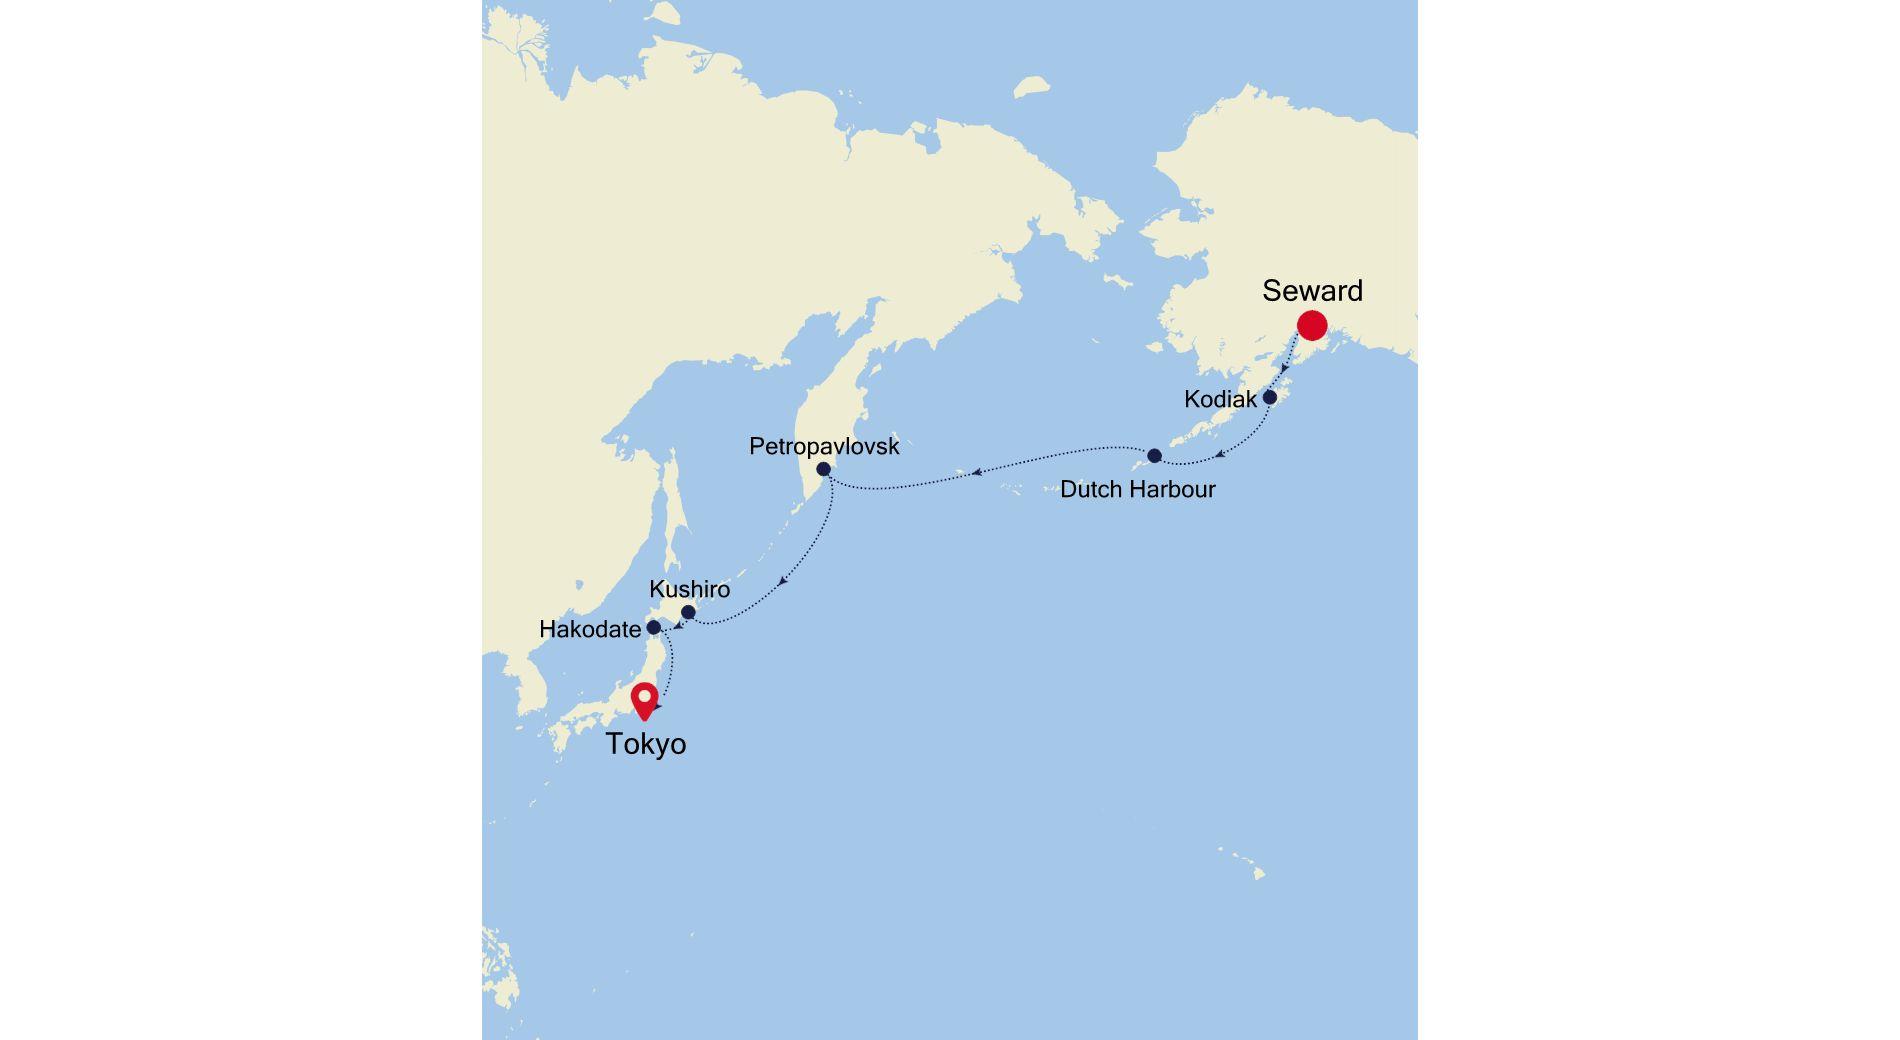 6925 - Seward nach Tokyo